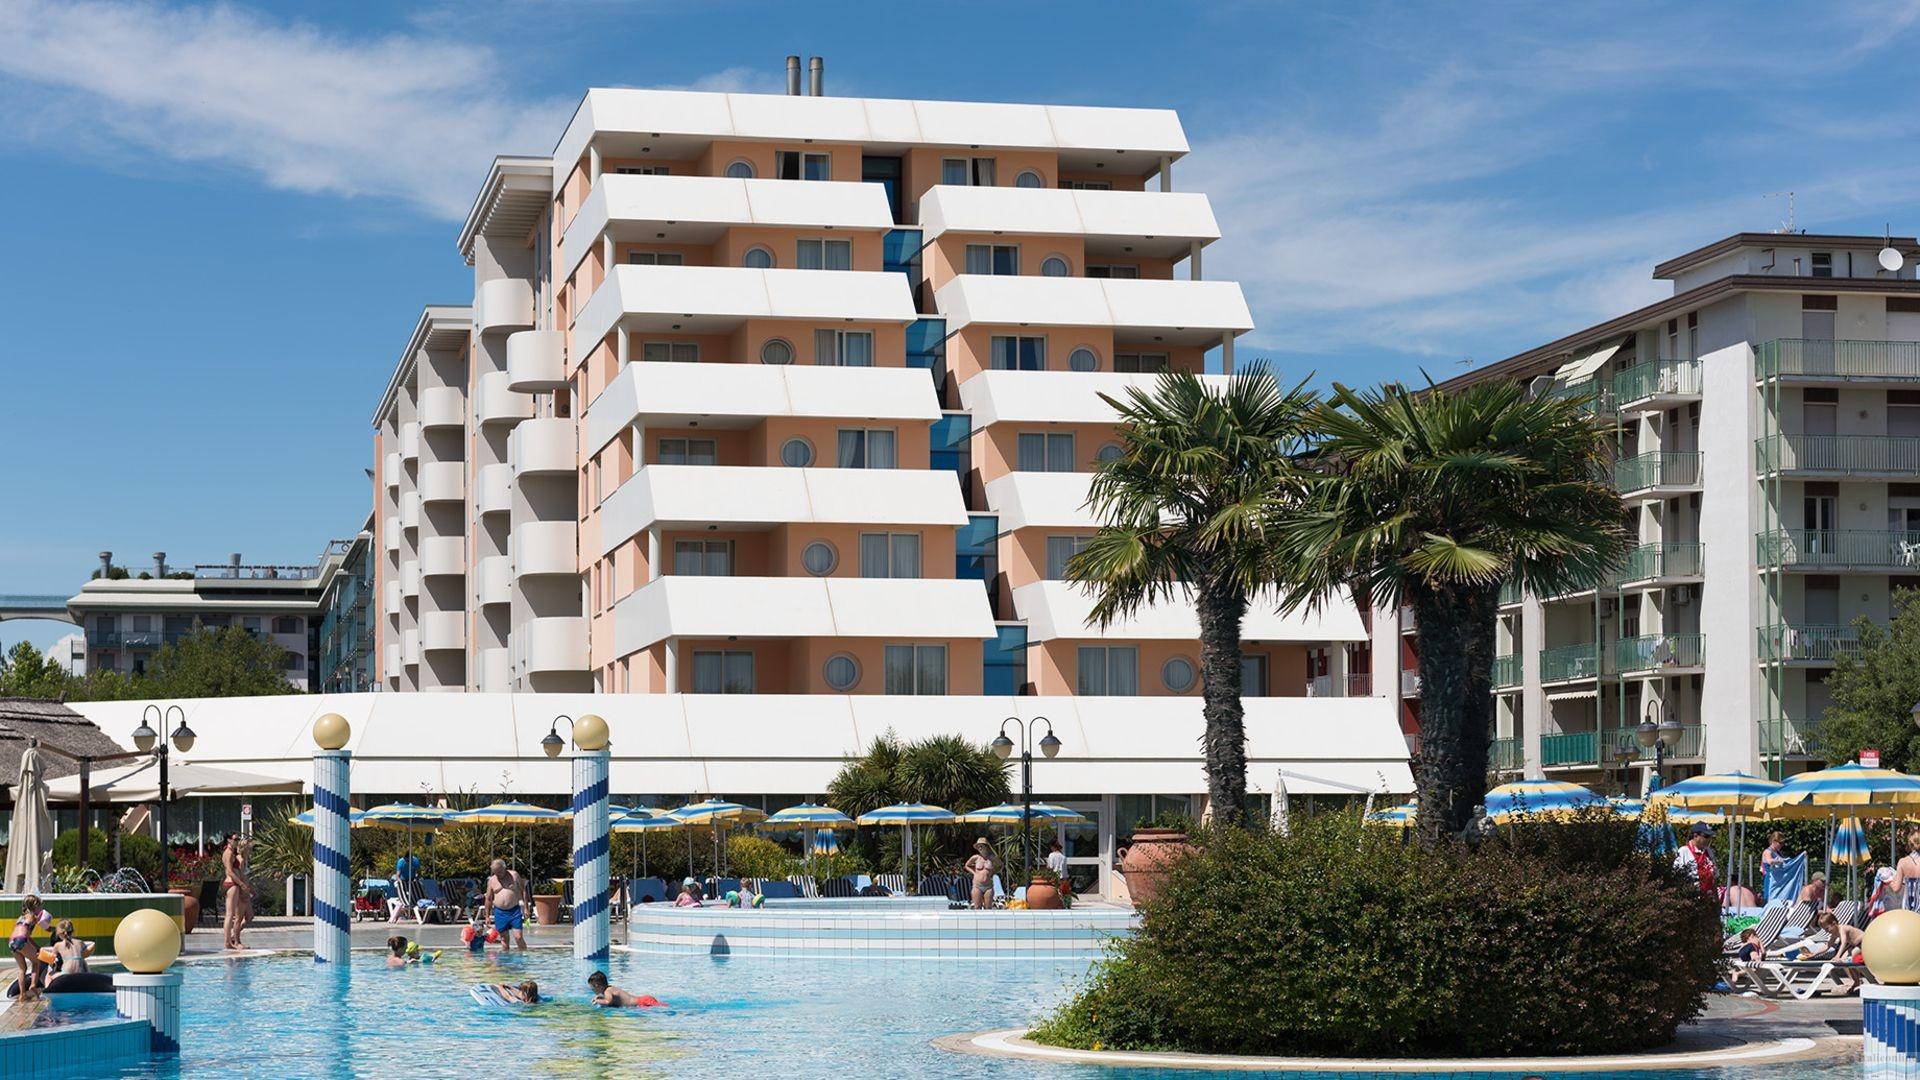 Hotel altinate lido di jesolo est italien italieonline for Appart hotel 41